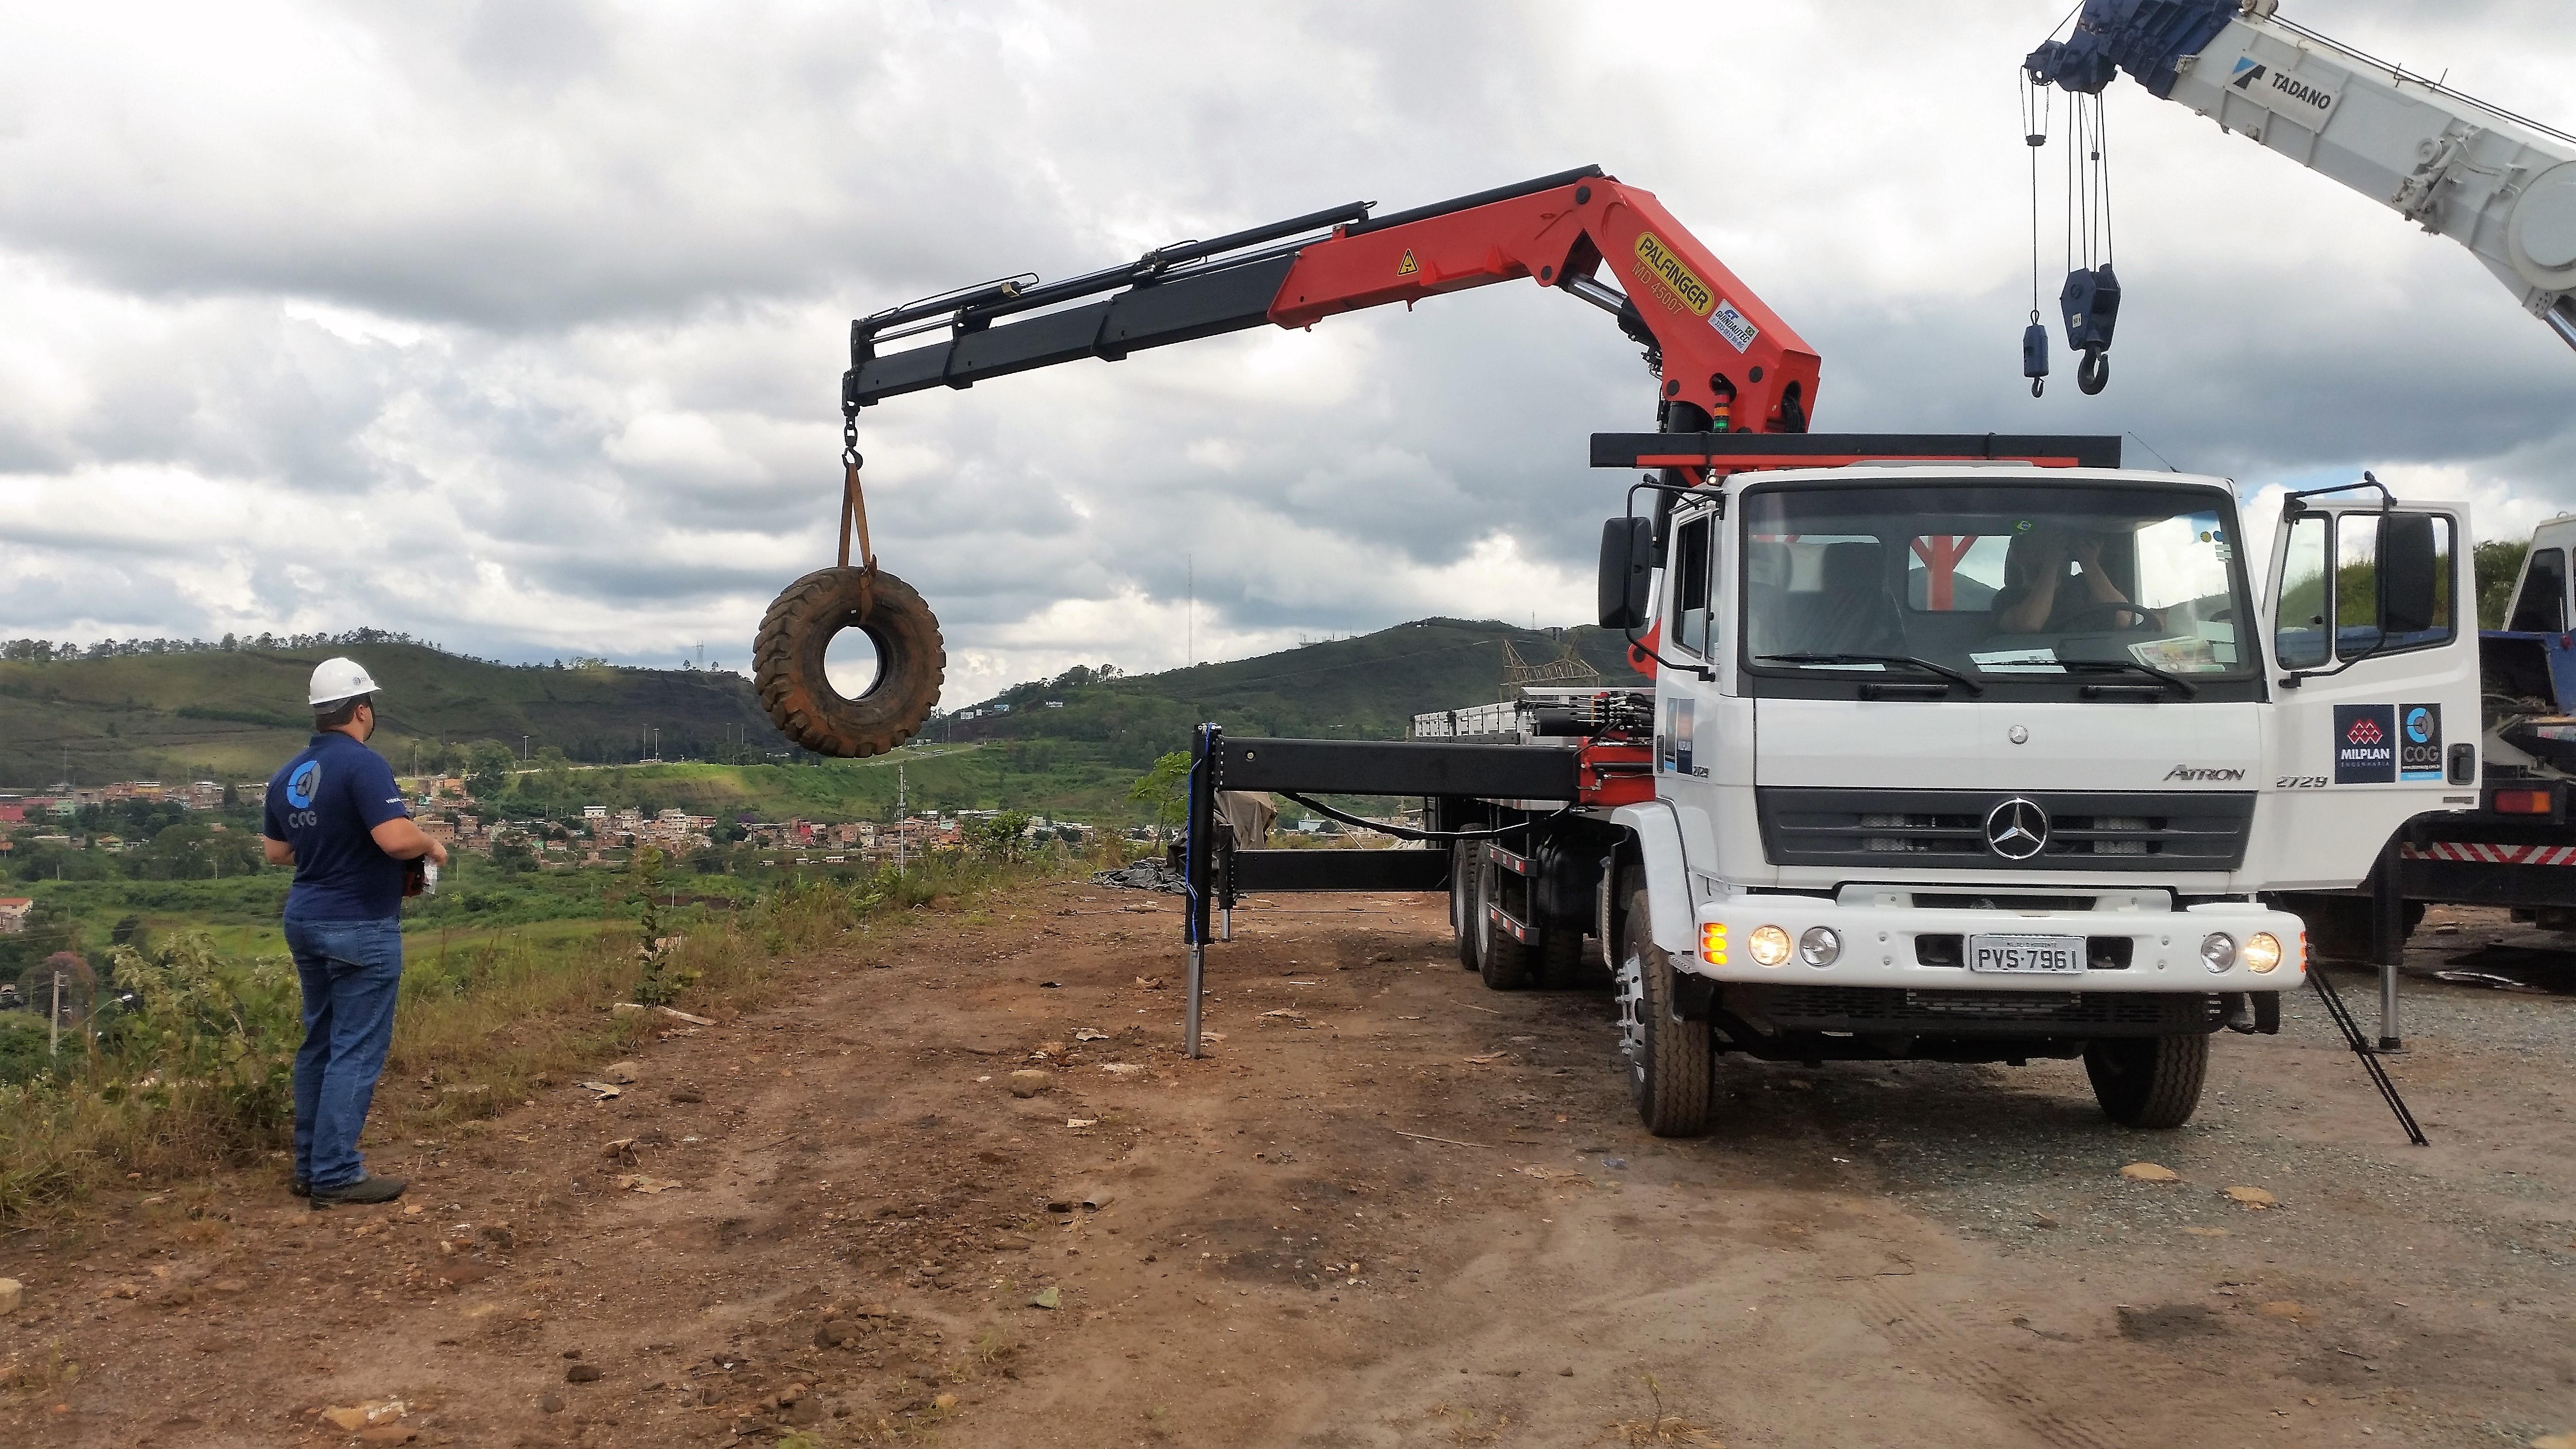 Caminhão munck com limitador de carga COG Limit e controle remoto